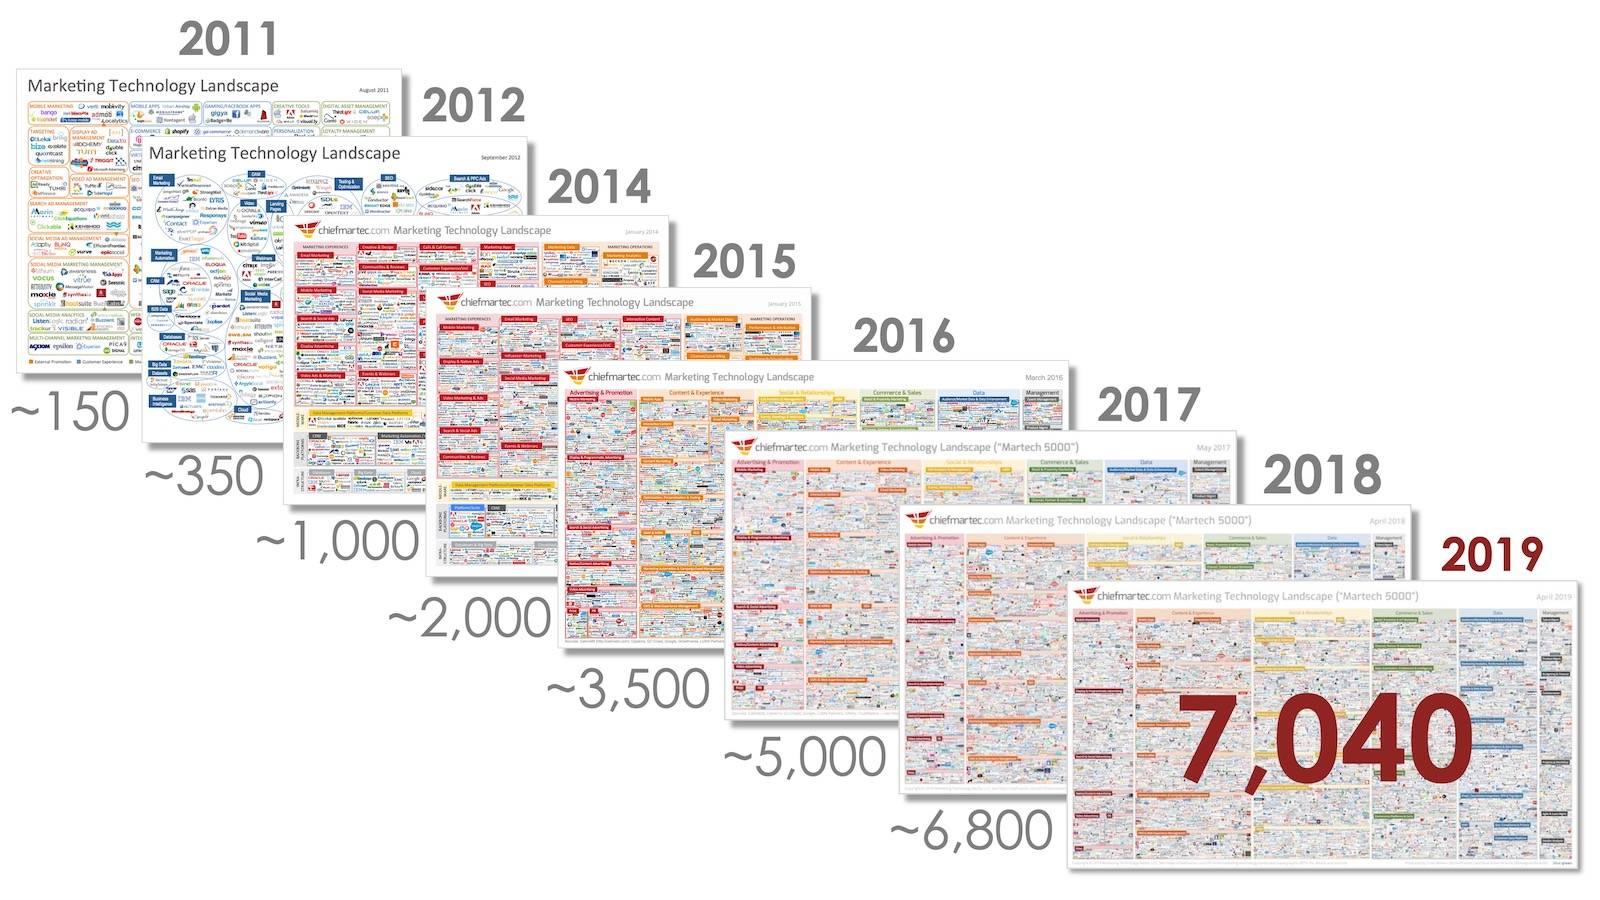 Le nombre de solutions de technologie marketing est passé d'environ 150 en 2011 à plus de 7000 en 2019.